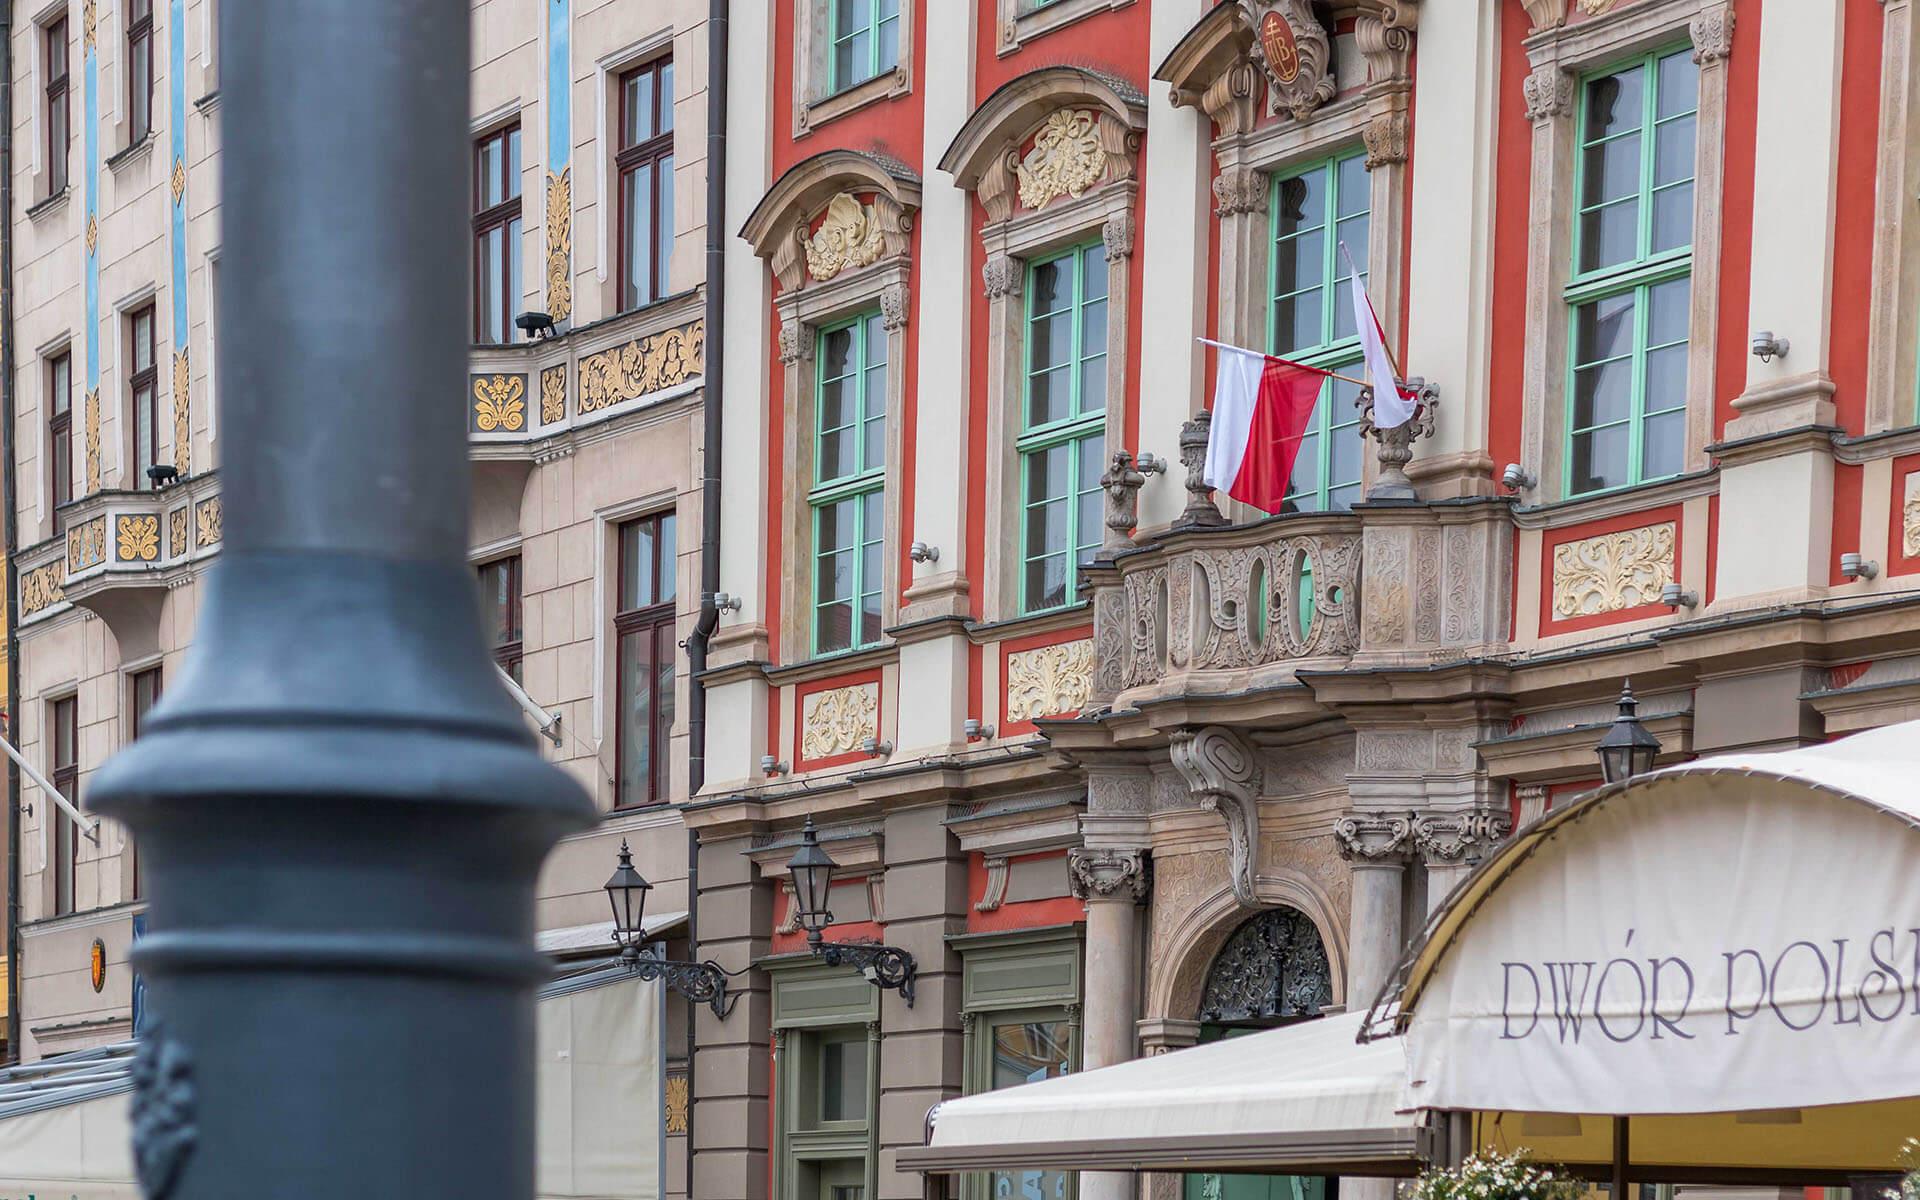 Polska flaga naWrocławskim rynku